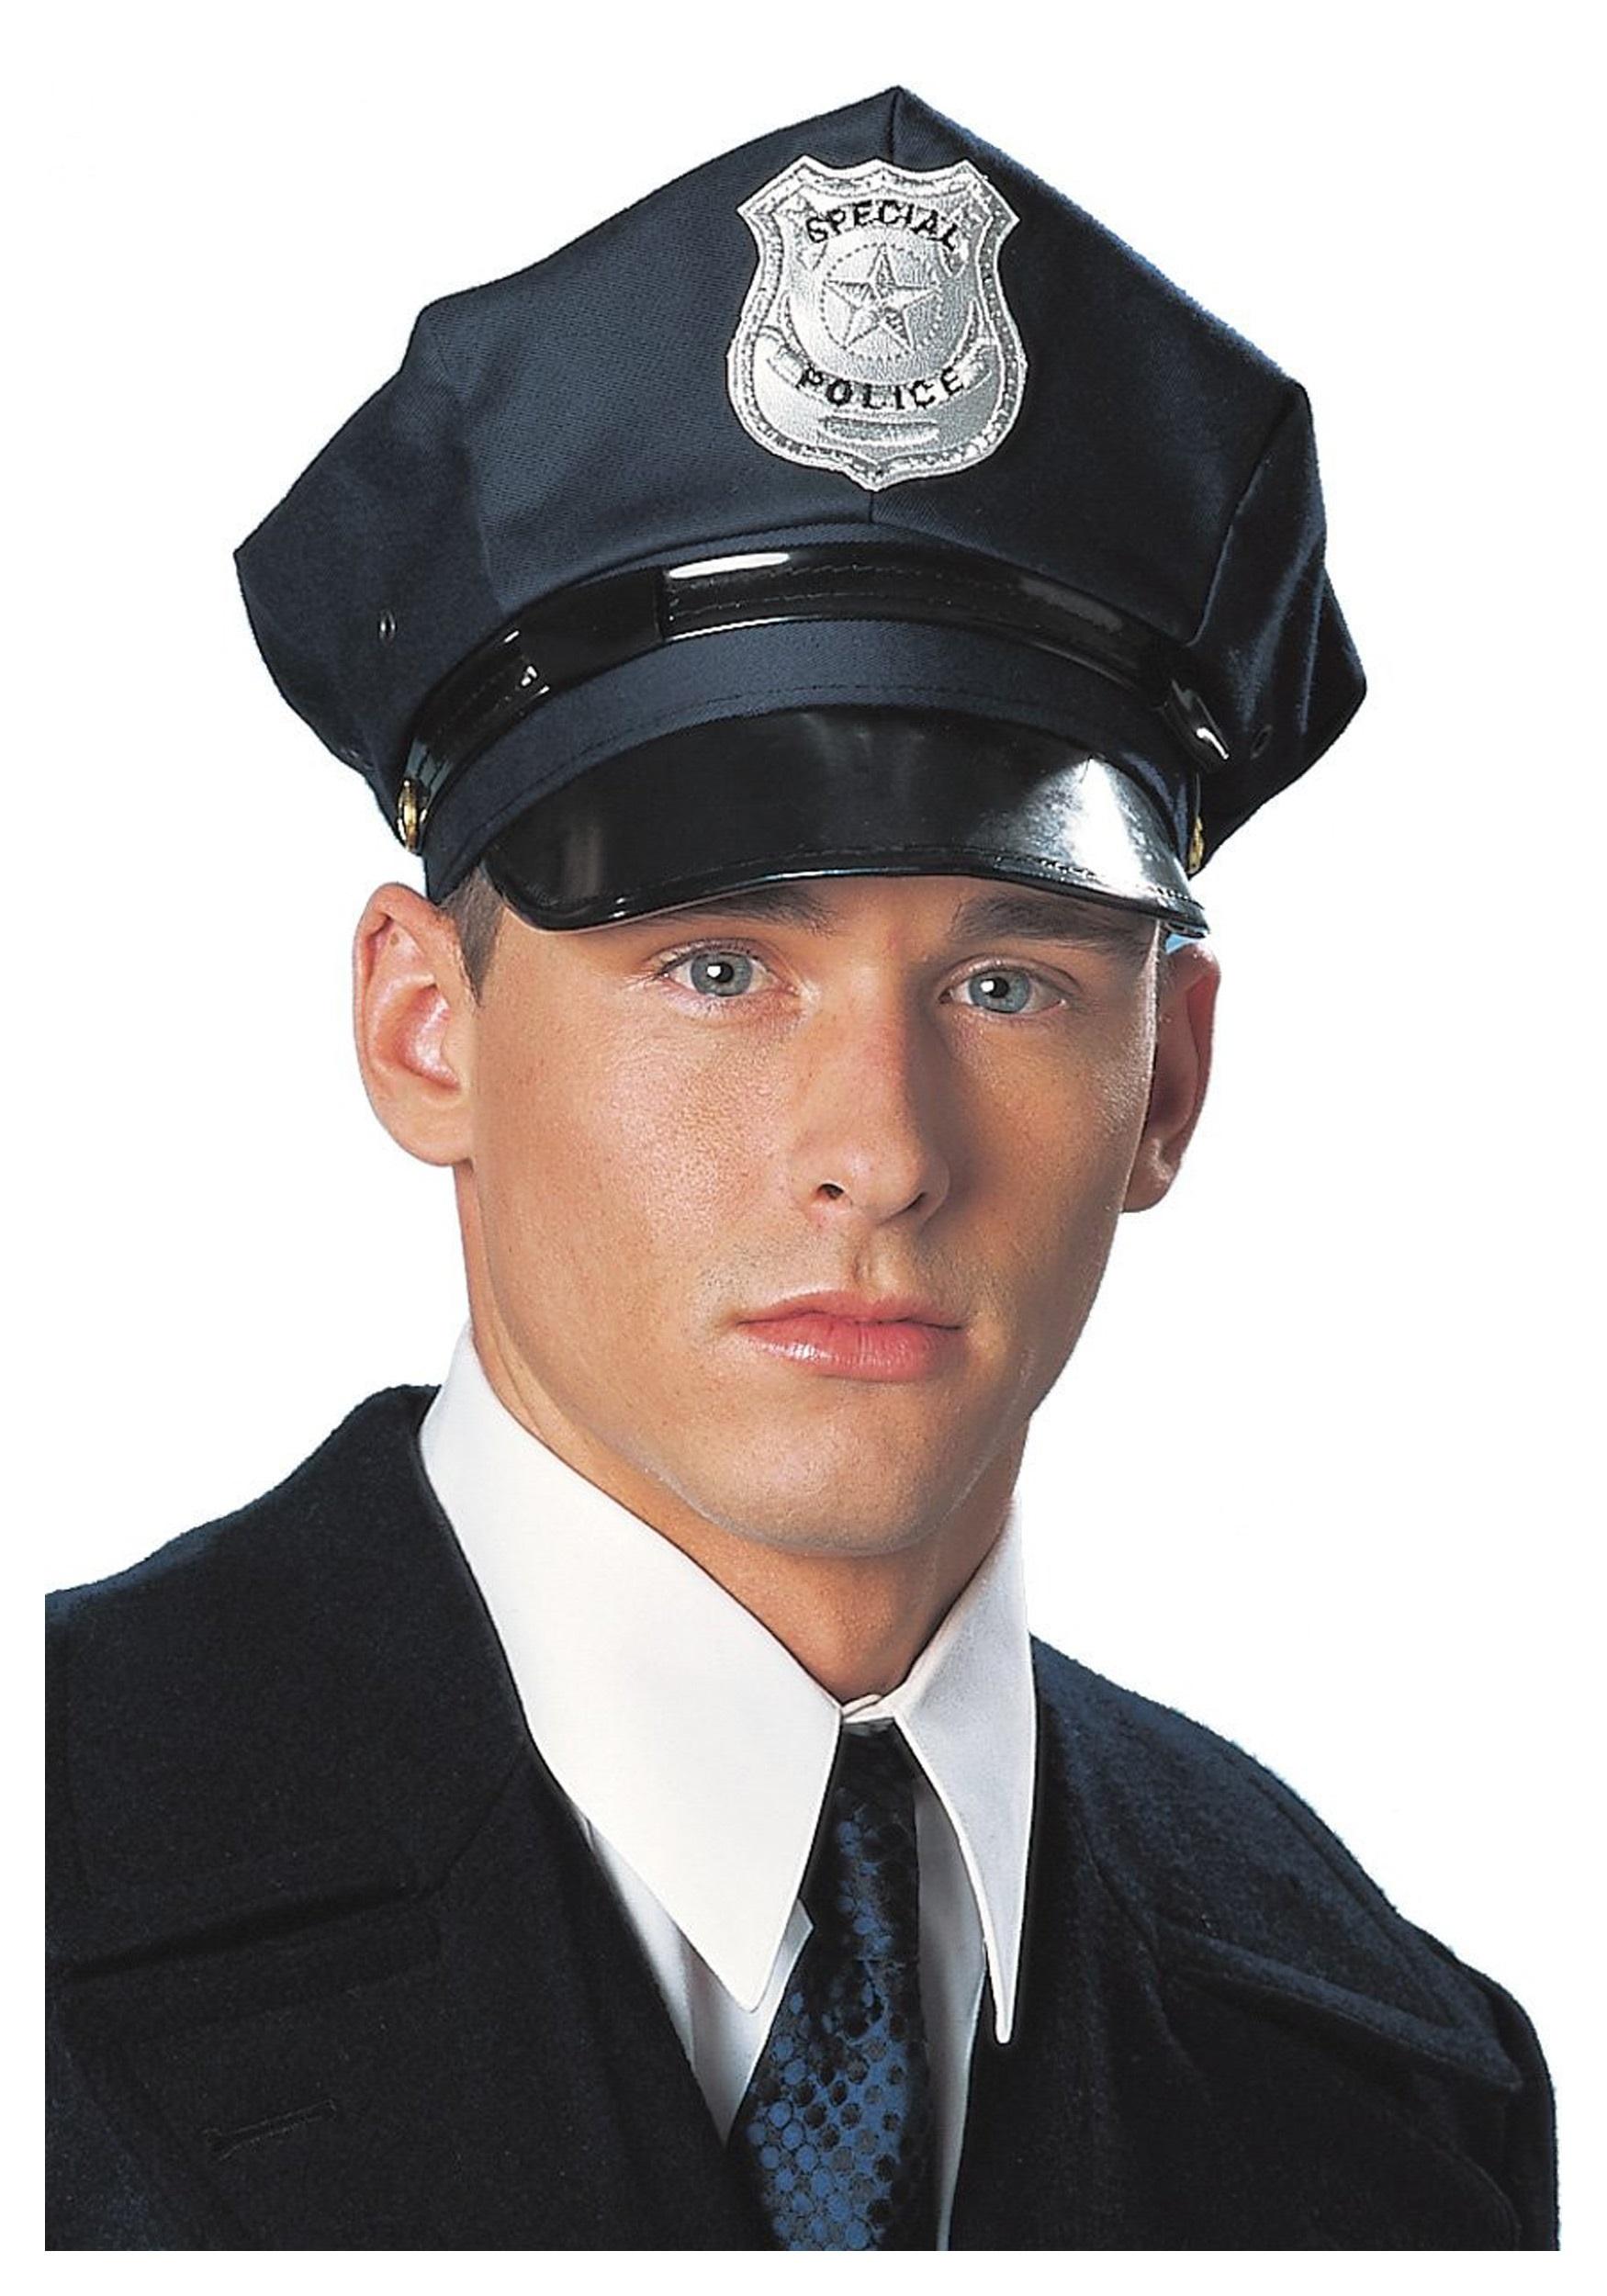 Cop Hat  sc 1 st  Halloween Costumes & Cop Hat - Halloween Costumes